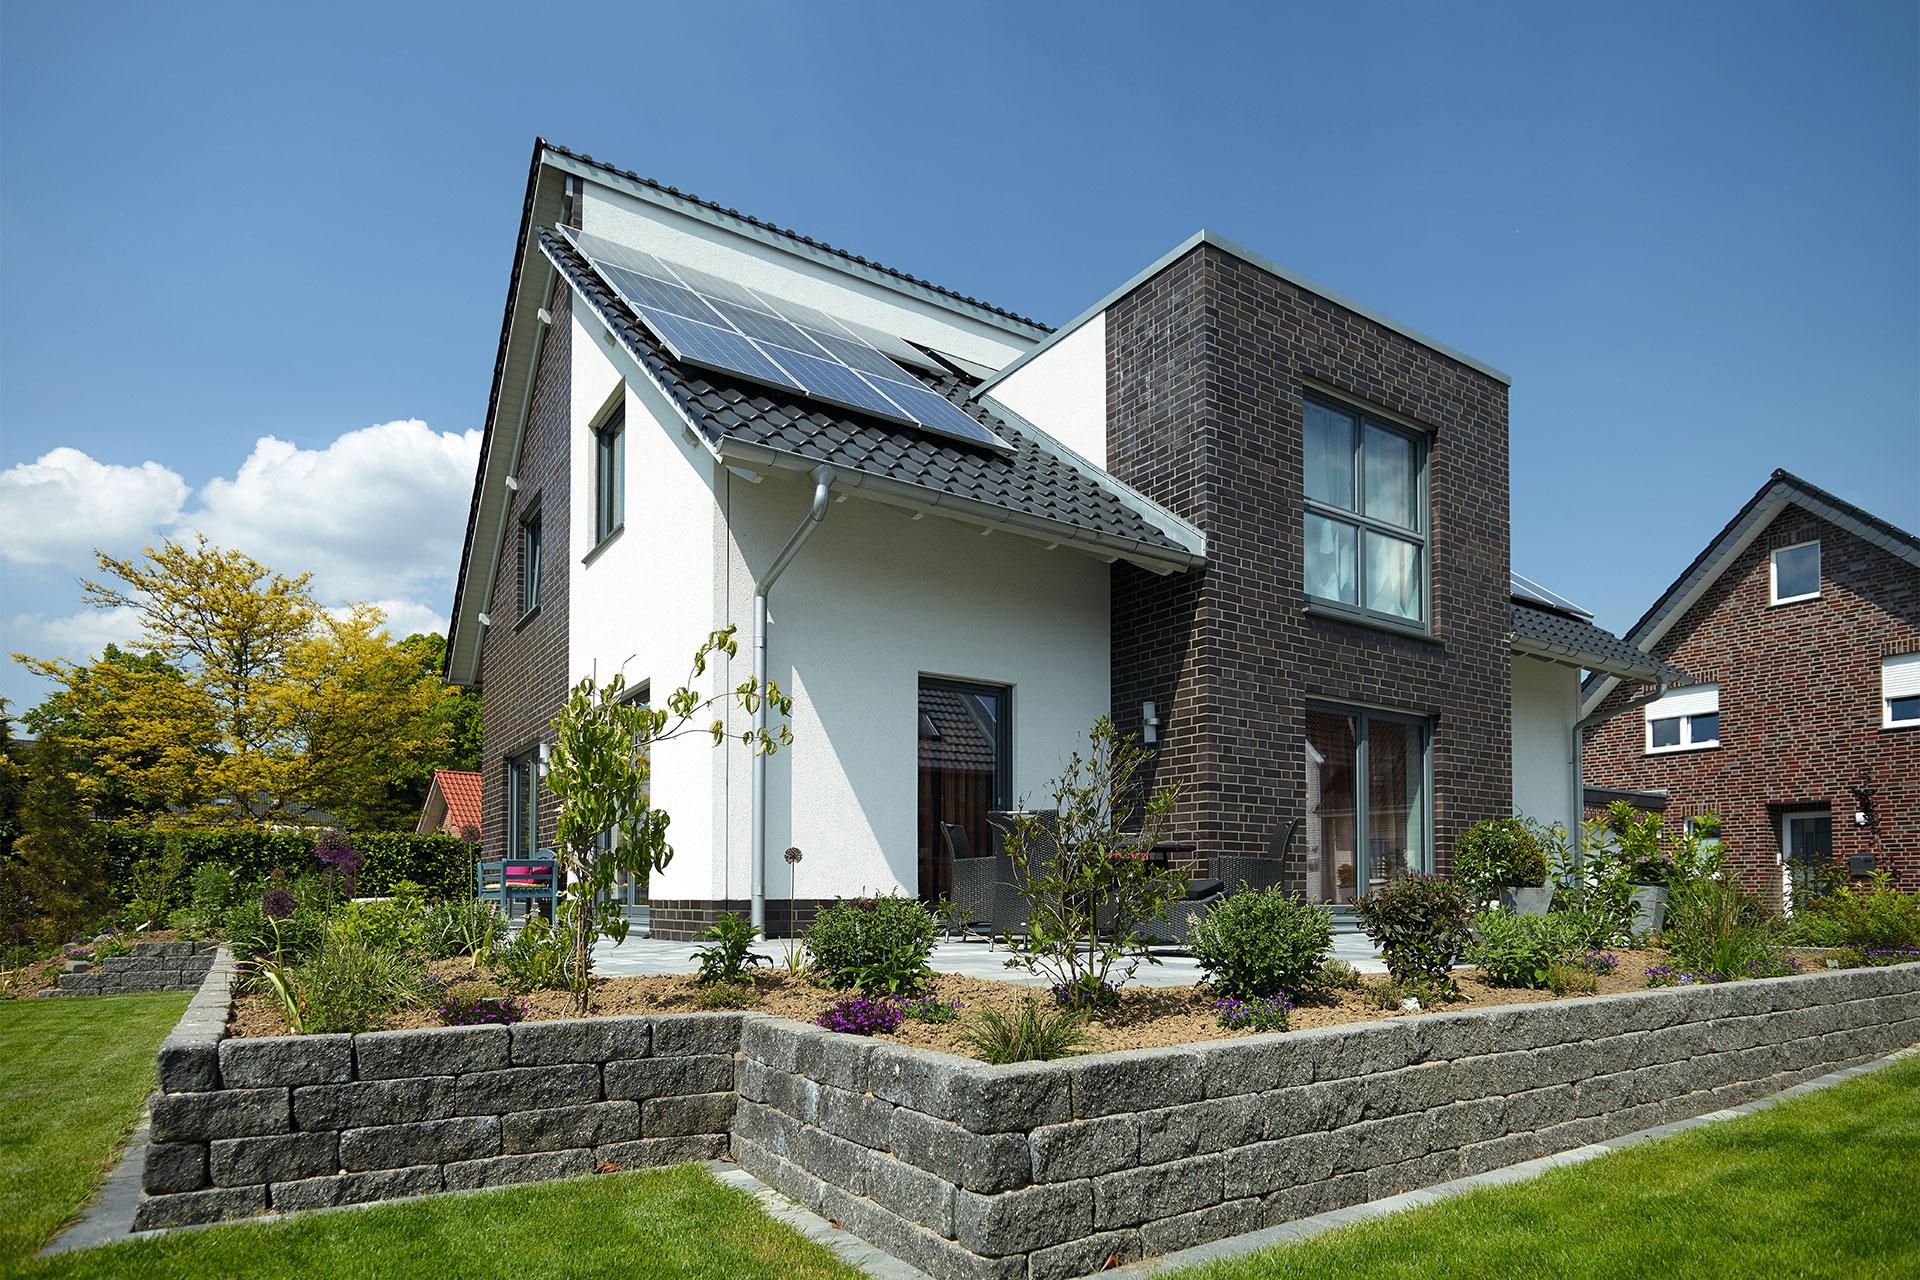 traumhaus ma geschneidert energieeffizient mooswald ein fertighaus von gussek haus. Black Bedroom Furniture Sets. Home Design Ideas